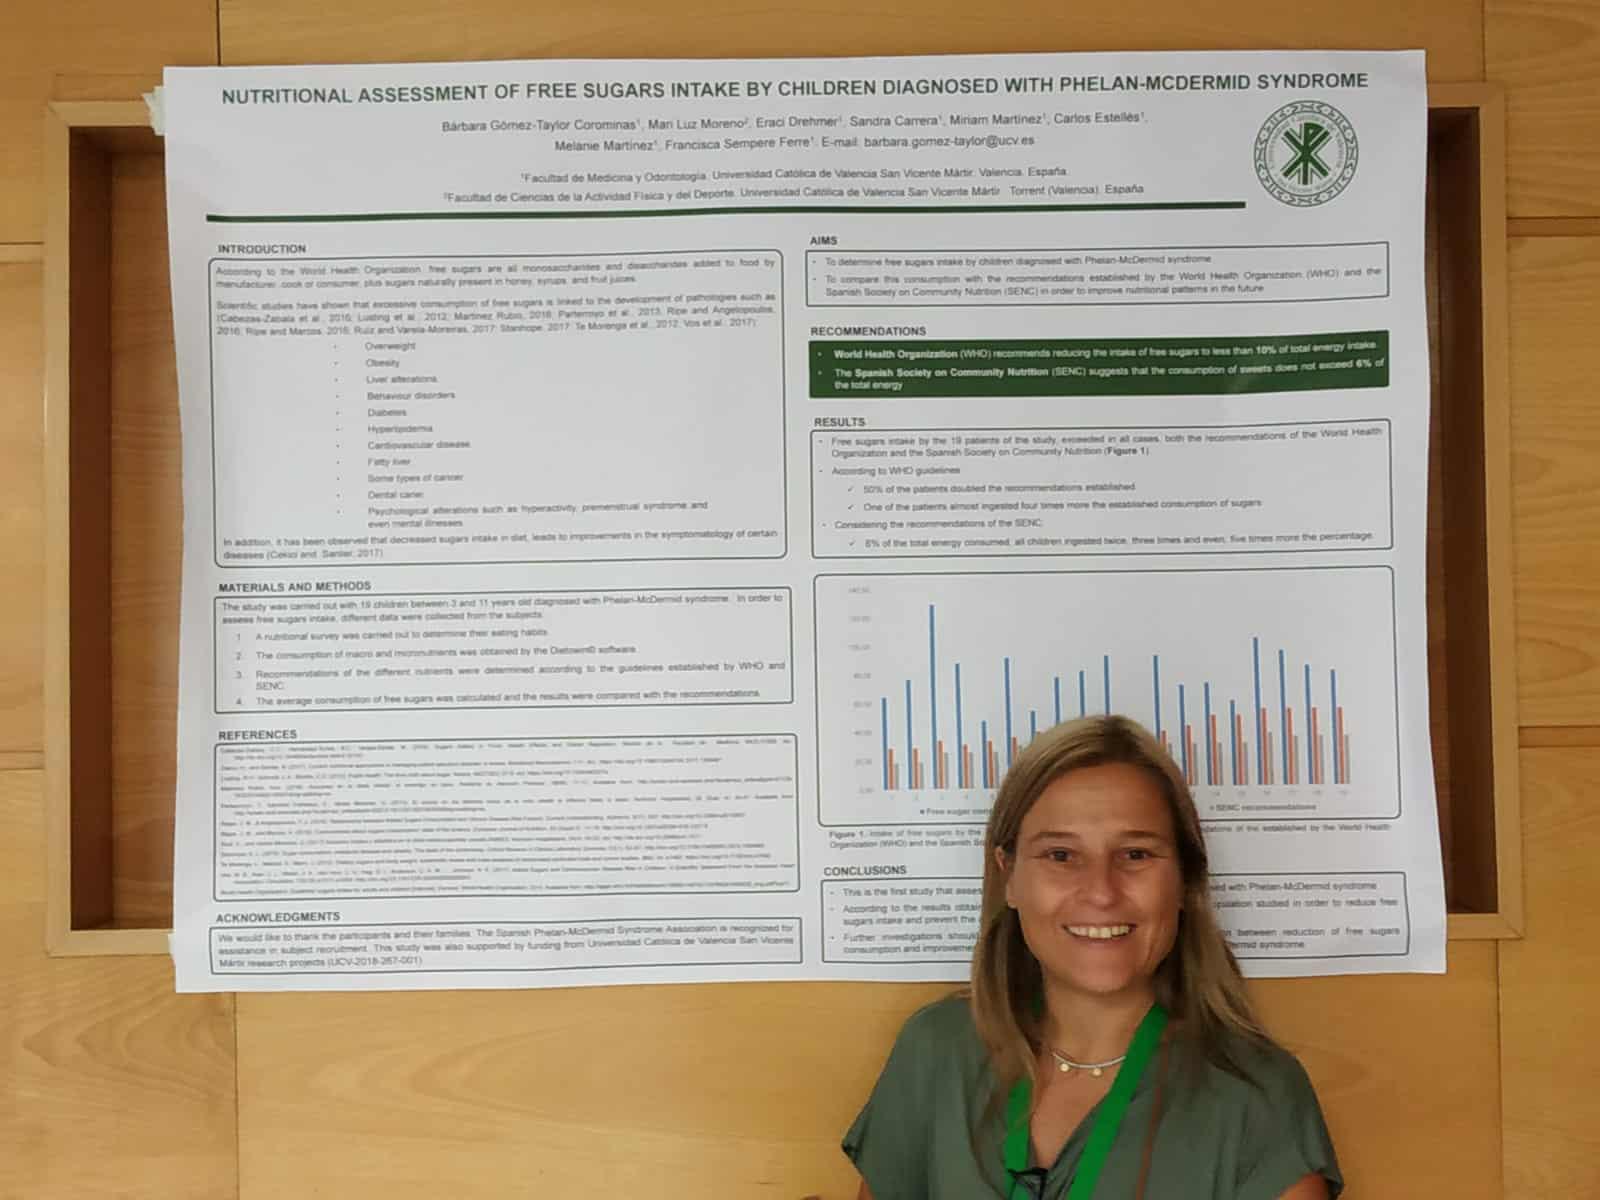 Presentado el primer estudio sobre el Estado Nutricional en el síndrome Phelan-McDermid.